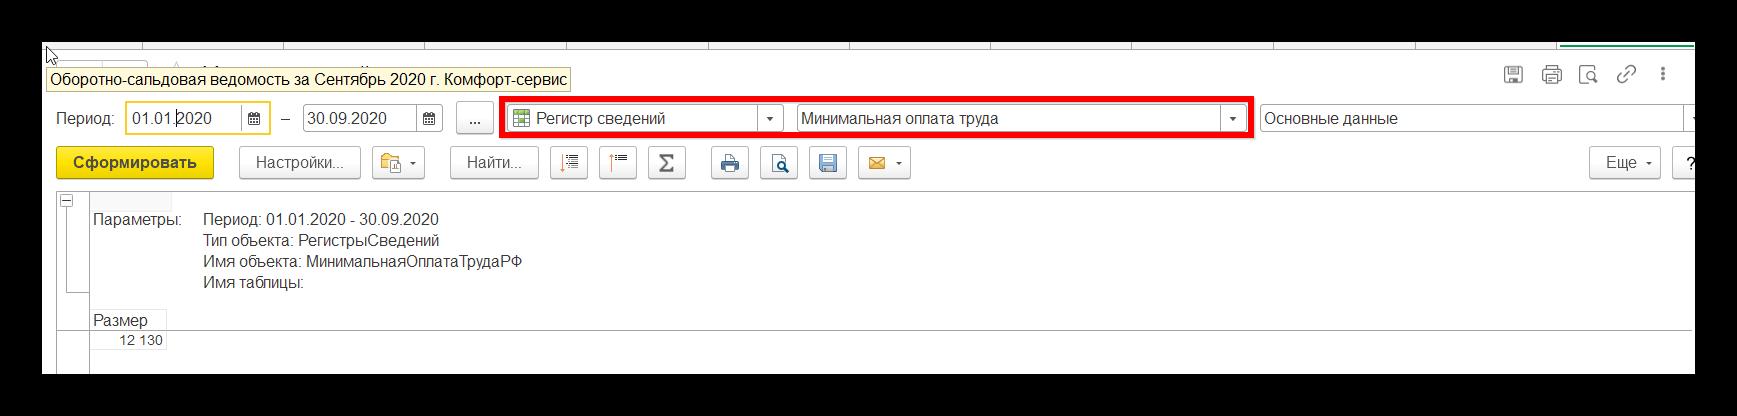 Регистр сведений в 1С Бухгалтерия, редакция 3.0